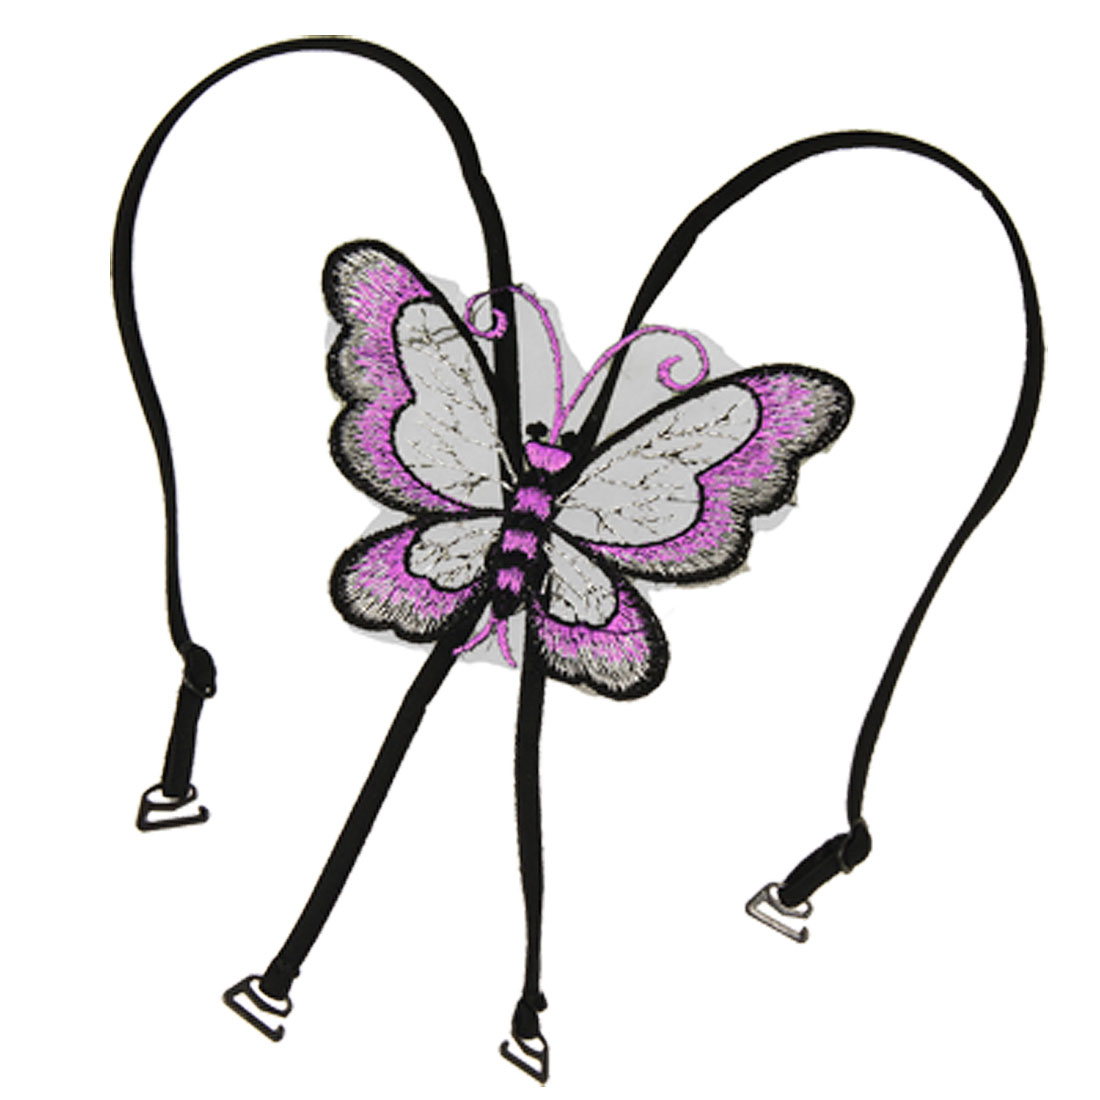 Rose Pink Black Butterfly Embroidery Decor Adjustable Bra Shoulder Strap